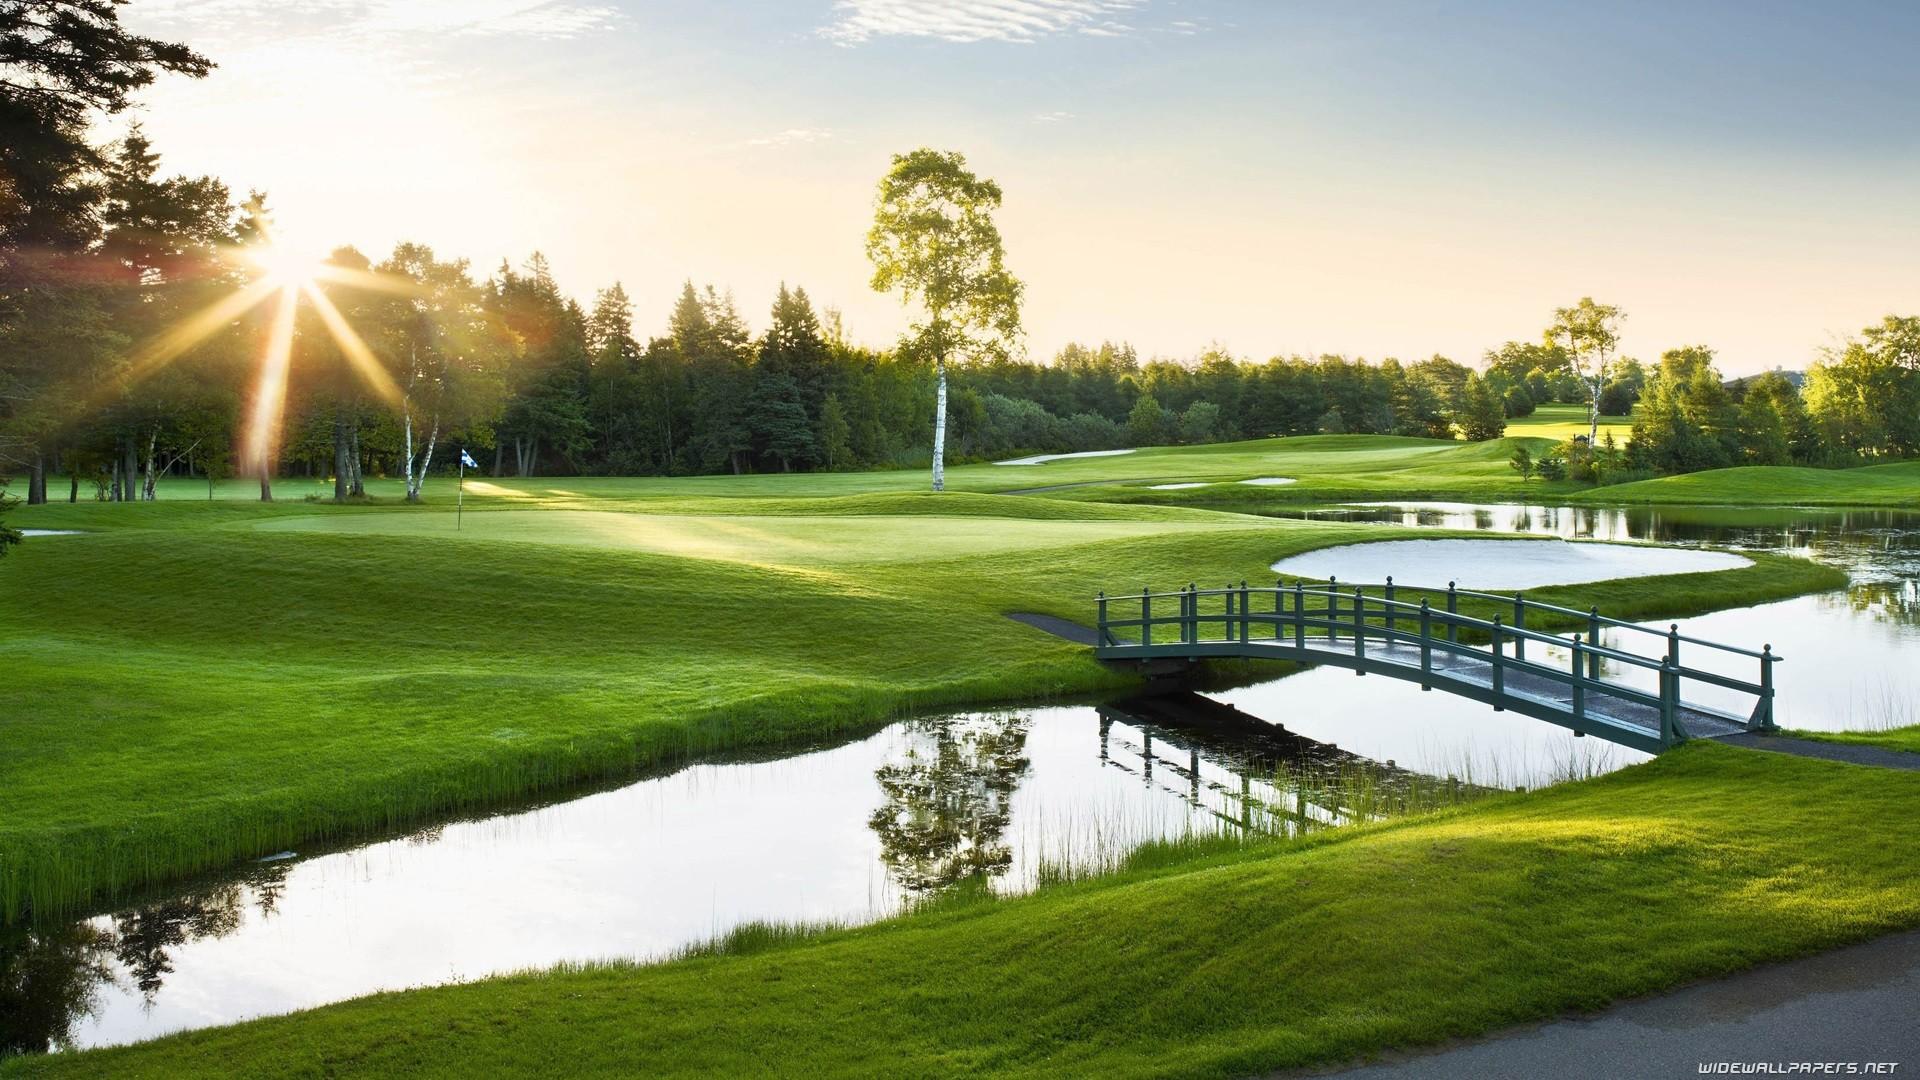 Sport Golf Course Backgrounds Wallpaper #12691 Wallpaper .